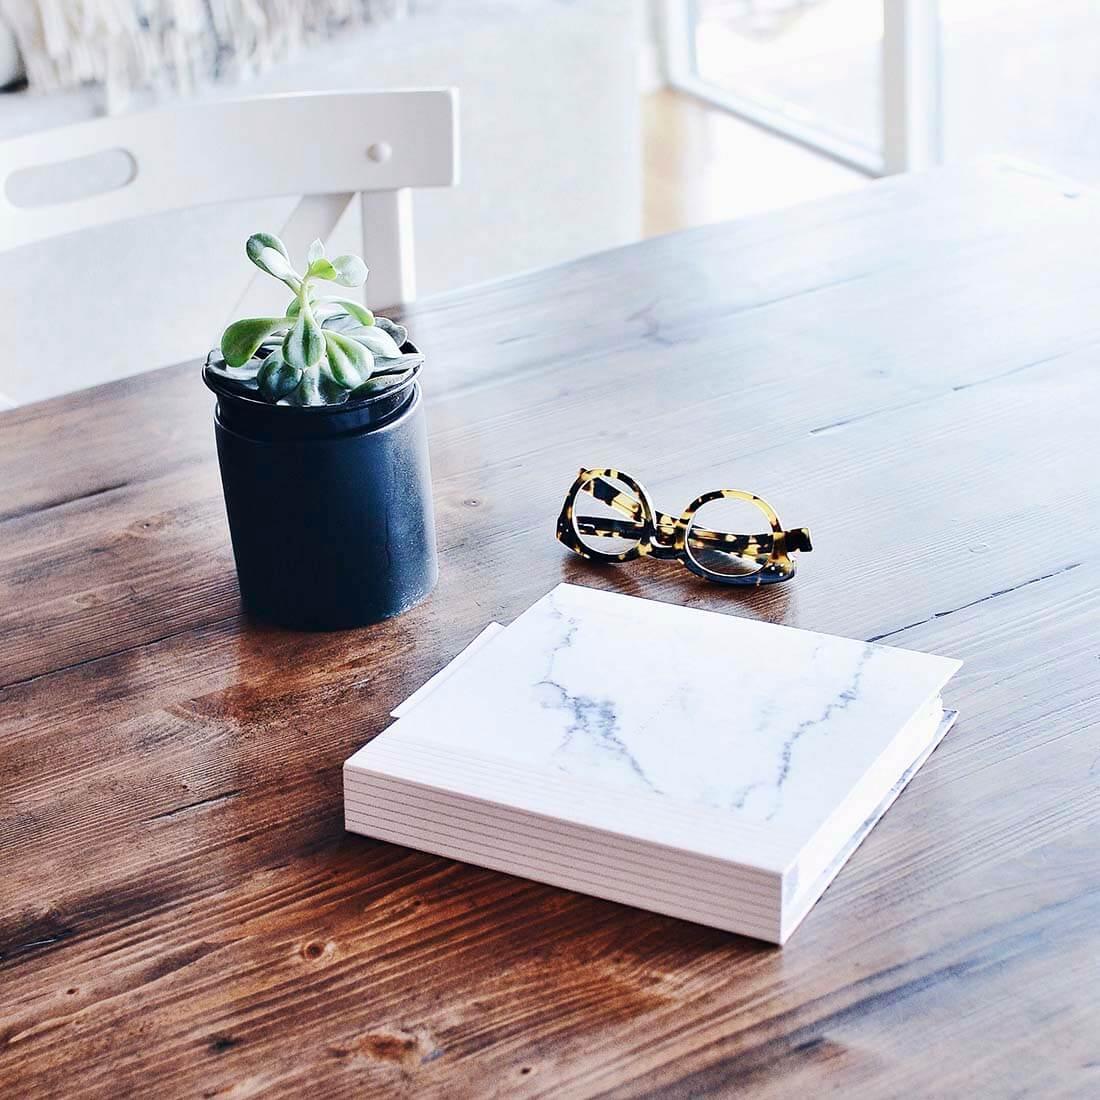 A imagem mostra um vaso de planta, um par de óculos e um livro